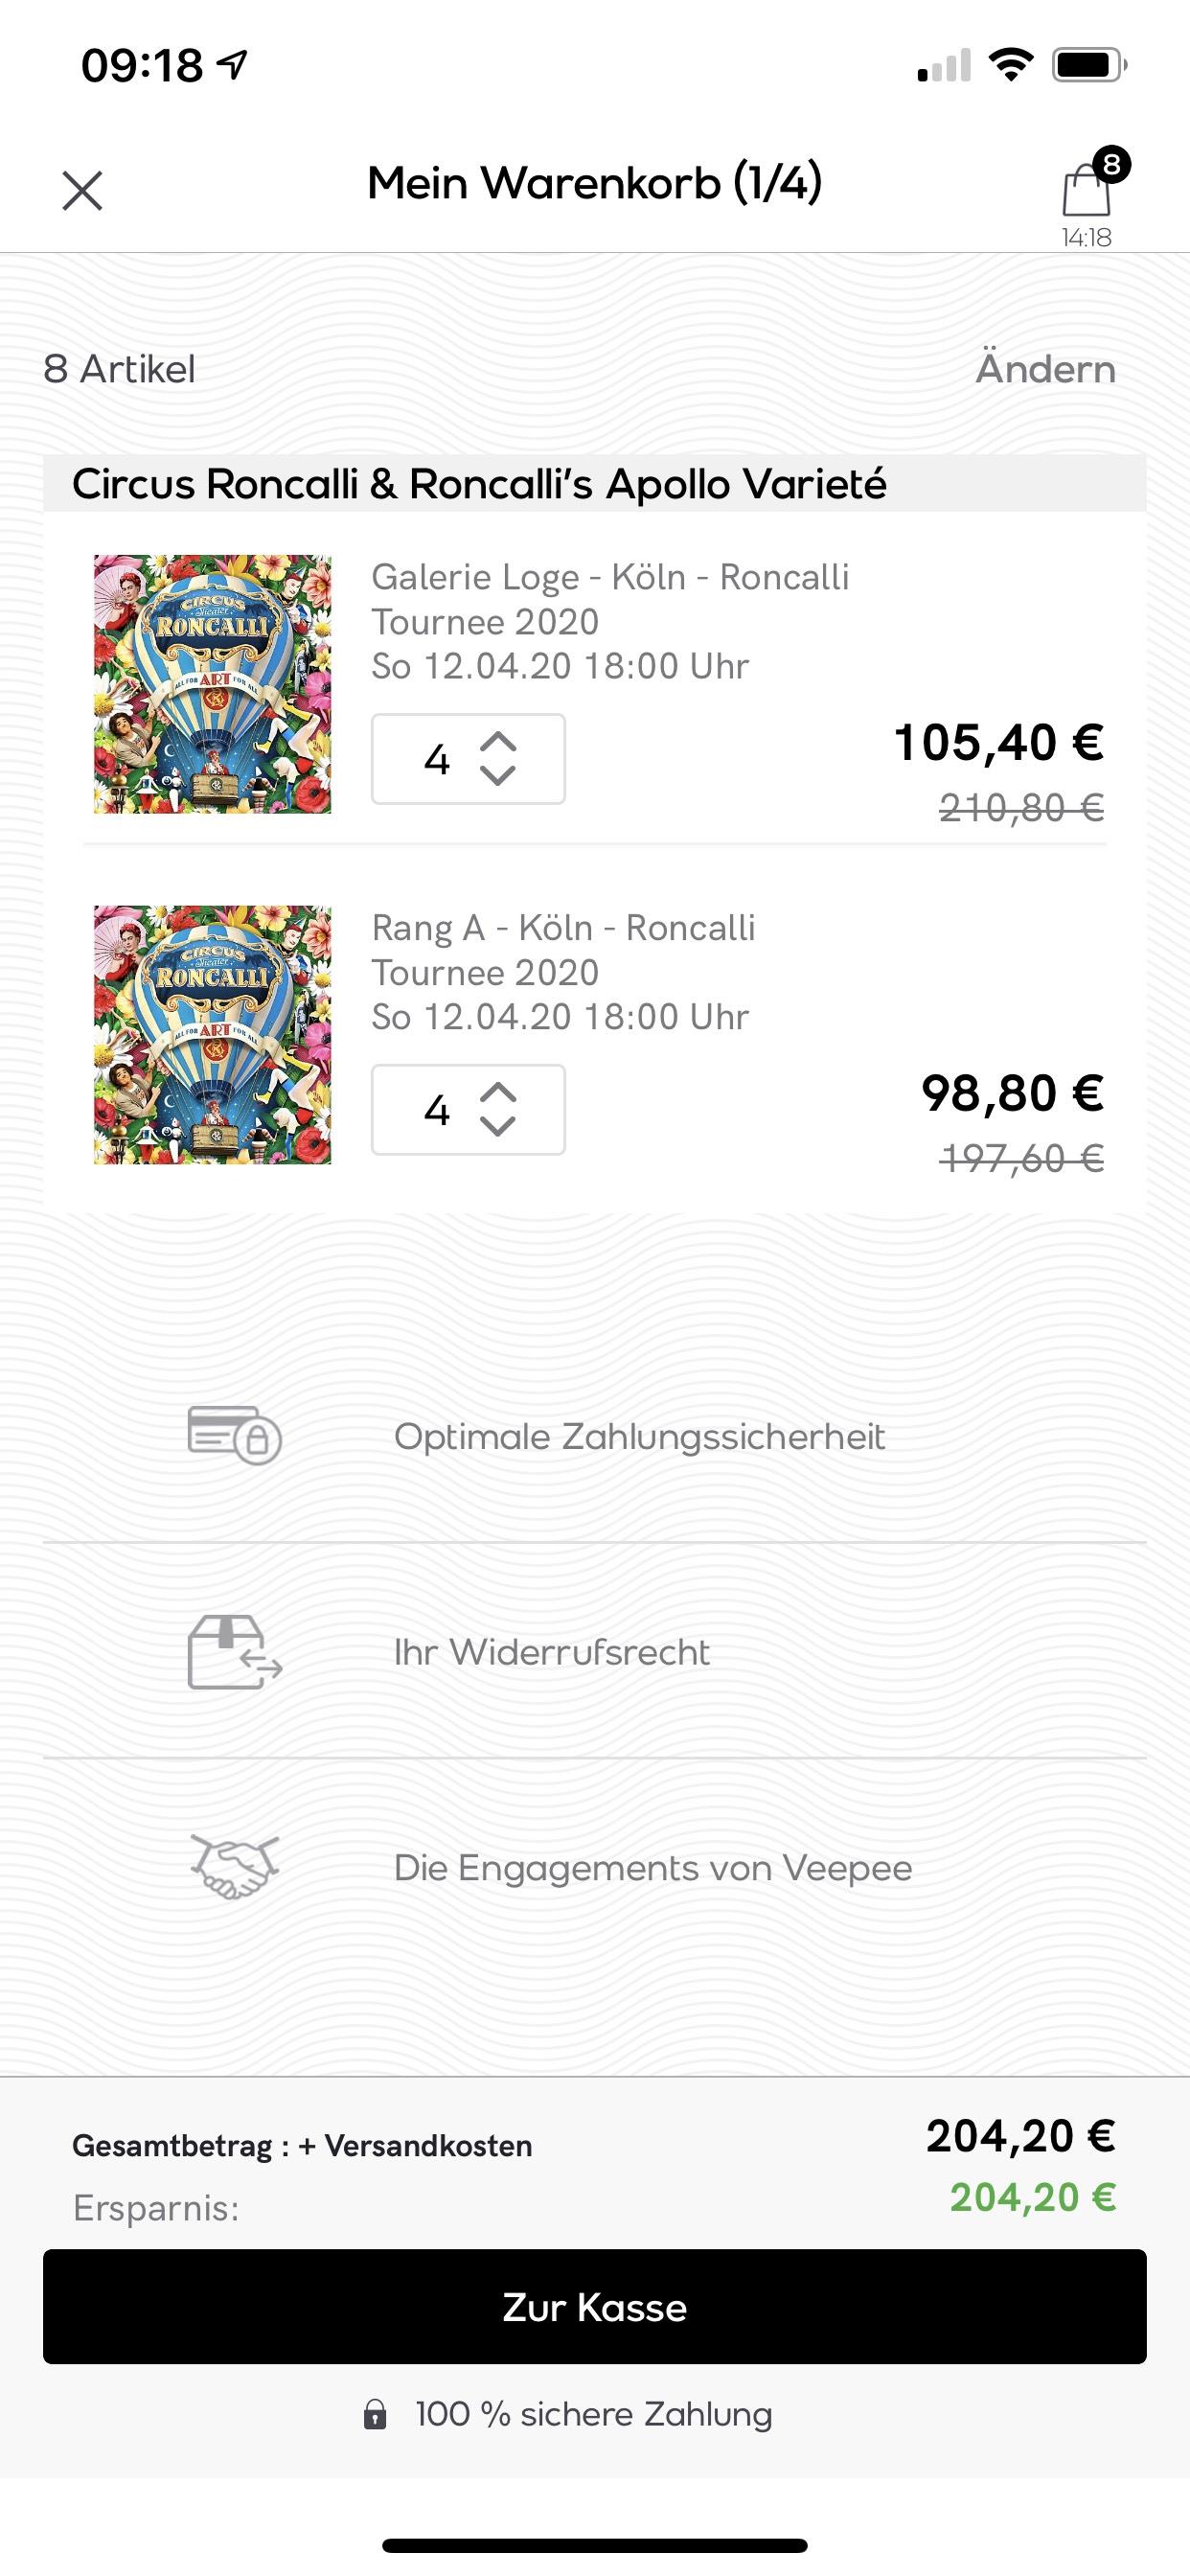 Vente-privée Zirkus roncalli (keine Tiere) im Angebot (Wien, Köln, Recklinghausen, Graz, Linz, Düsseldorf und Ludwigsburg)